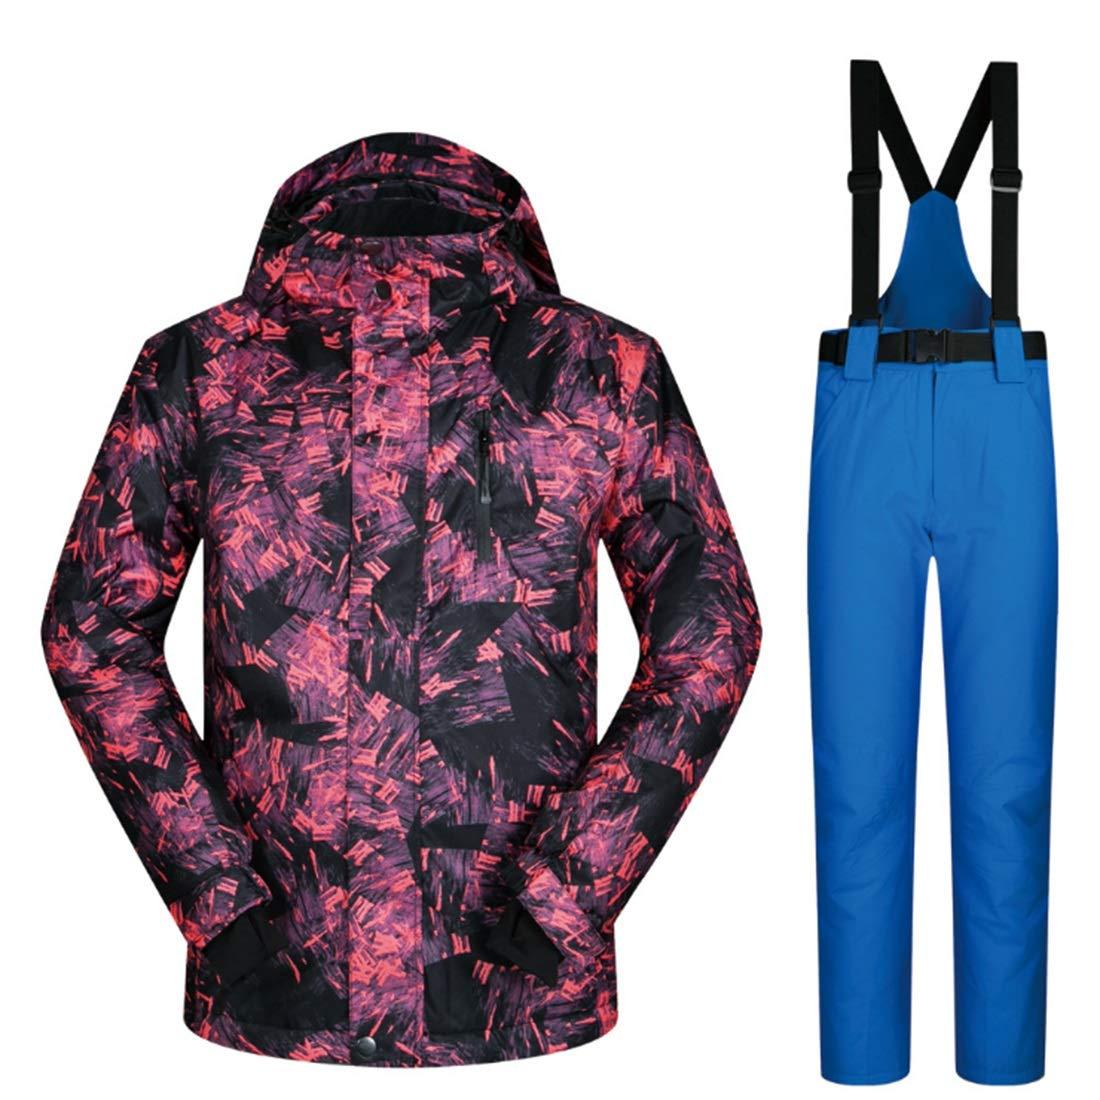 MALLTY Snowsuit da Uomo Winter Giacca Giacca Giacca da Sci e Pantaloni per la Neve da Pioggia Outdoor Hiking (Coloree   04, Dimensione   XXL)B07K7HYR3KXXL 05 | Prezzo Ragionevole  | Moda Attraente  | Moda Attraente  | Numerosi In Varietà  | Alla Moda  | Qualità Af 019432